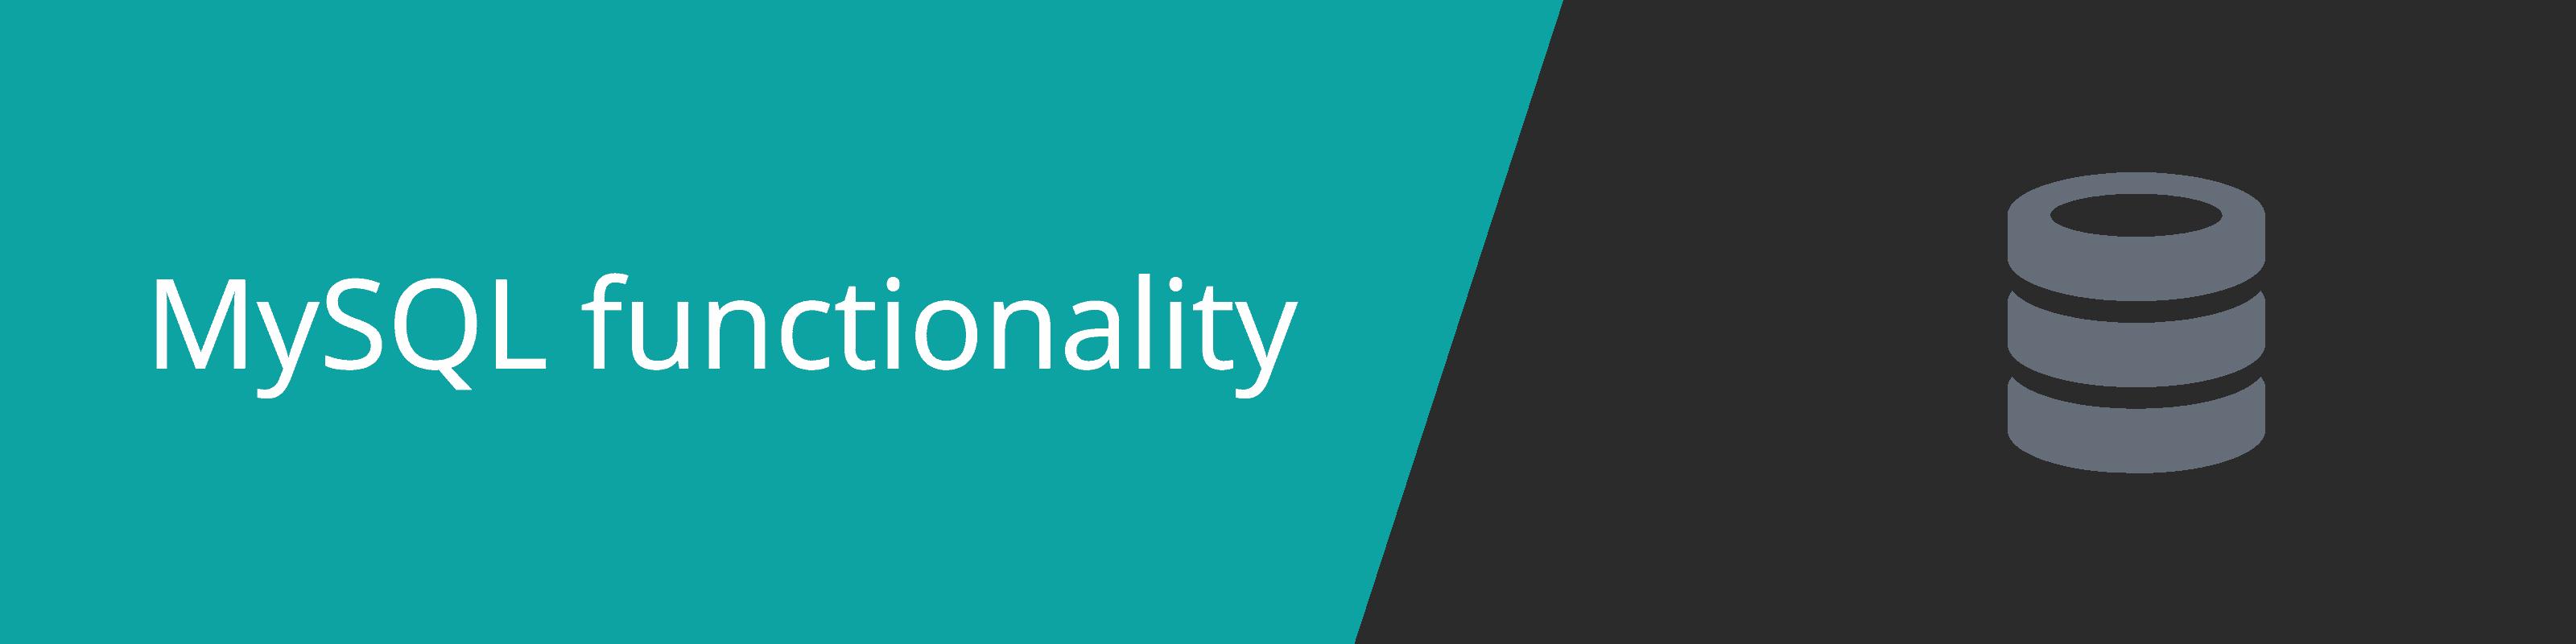 mysql functionality